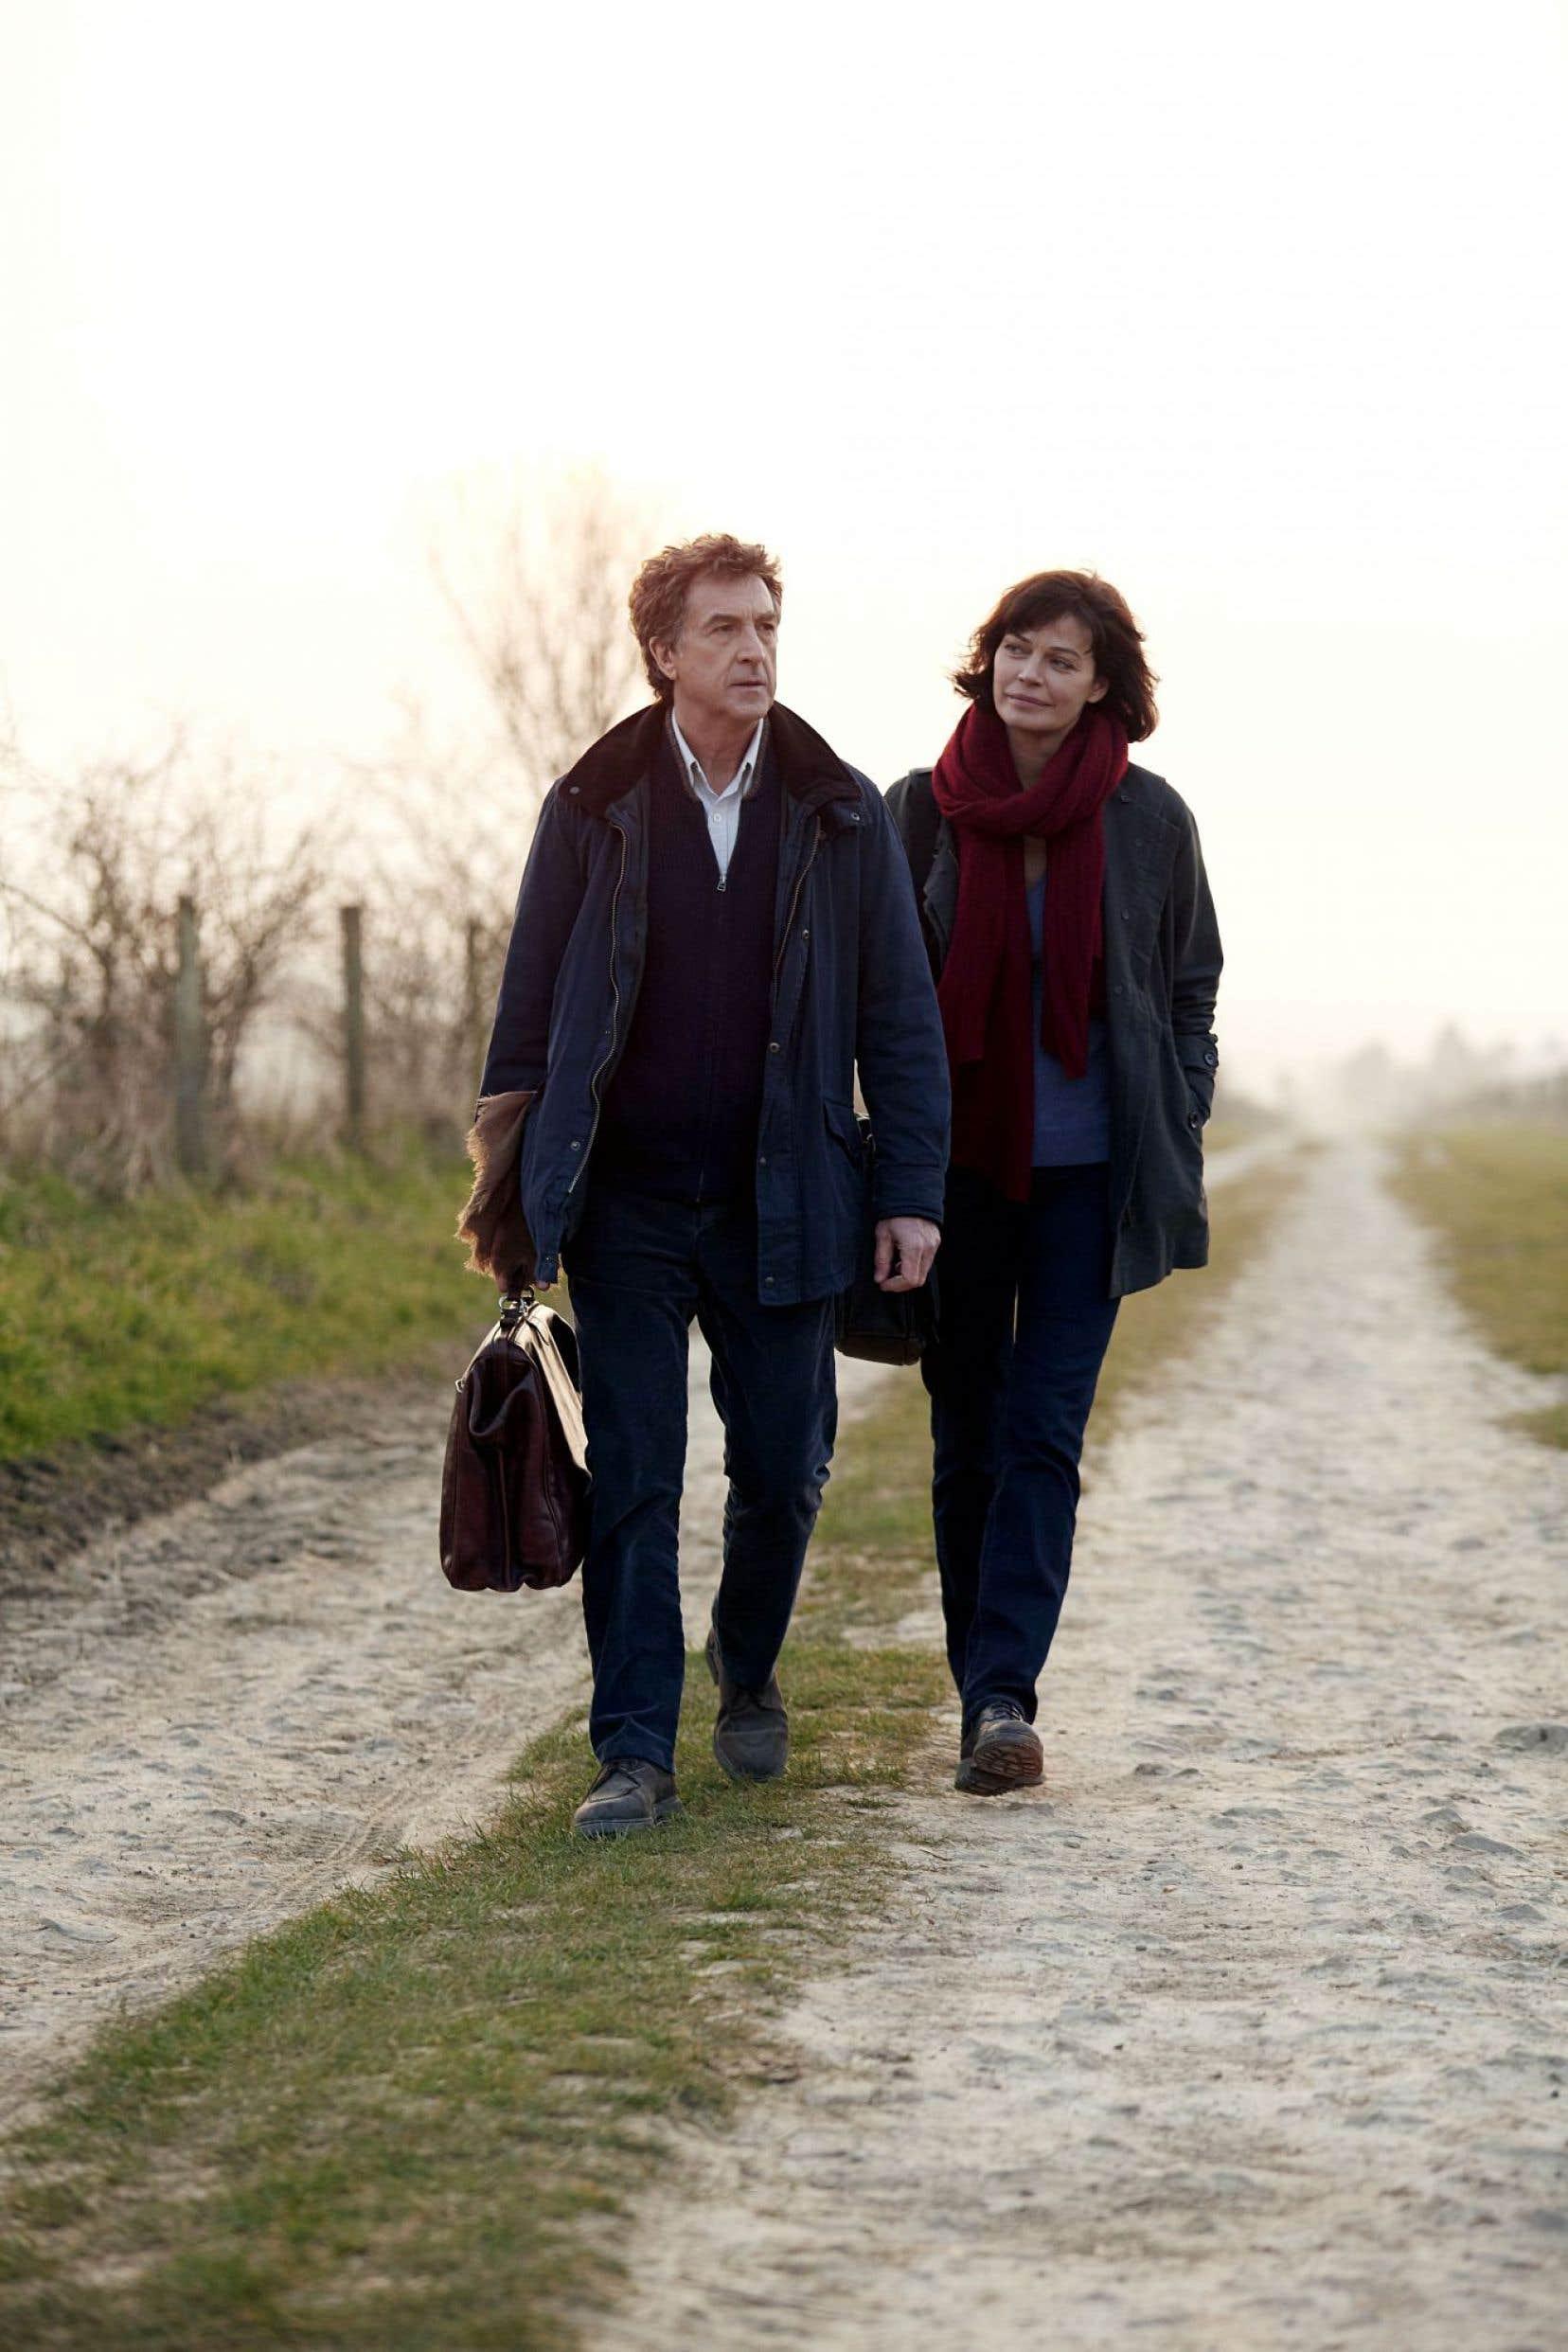 Le médecin de campagne (François Cluzet) va apprendre à sa collègue Nathalie (Marianne Denicourt) la médecine de terrain.